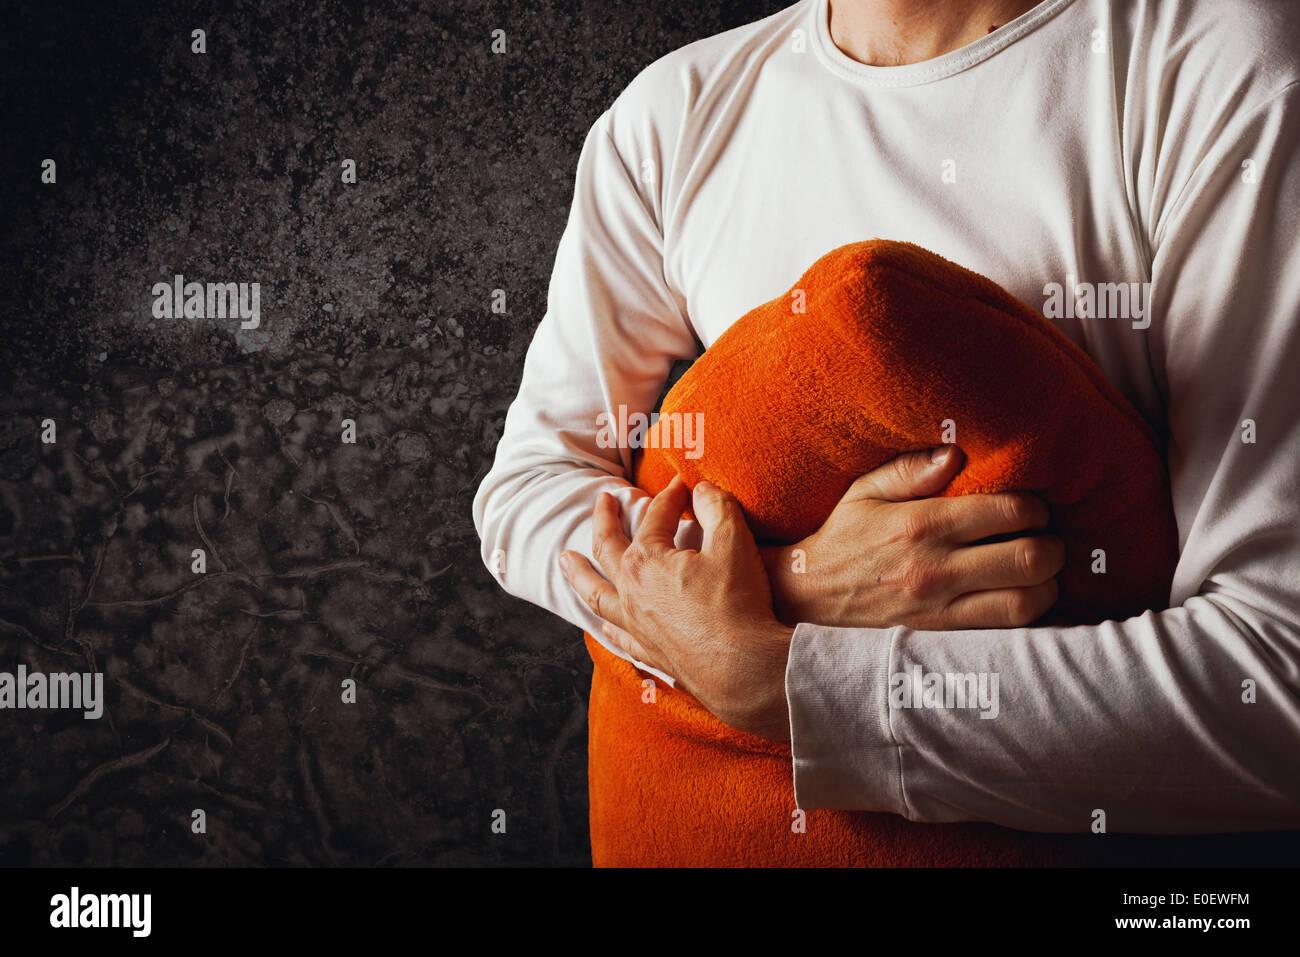 Hombre abrace almohada naranja en una habitación oscura. Concepto de duelo, tristeza y depresión. Imagen De Stock